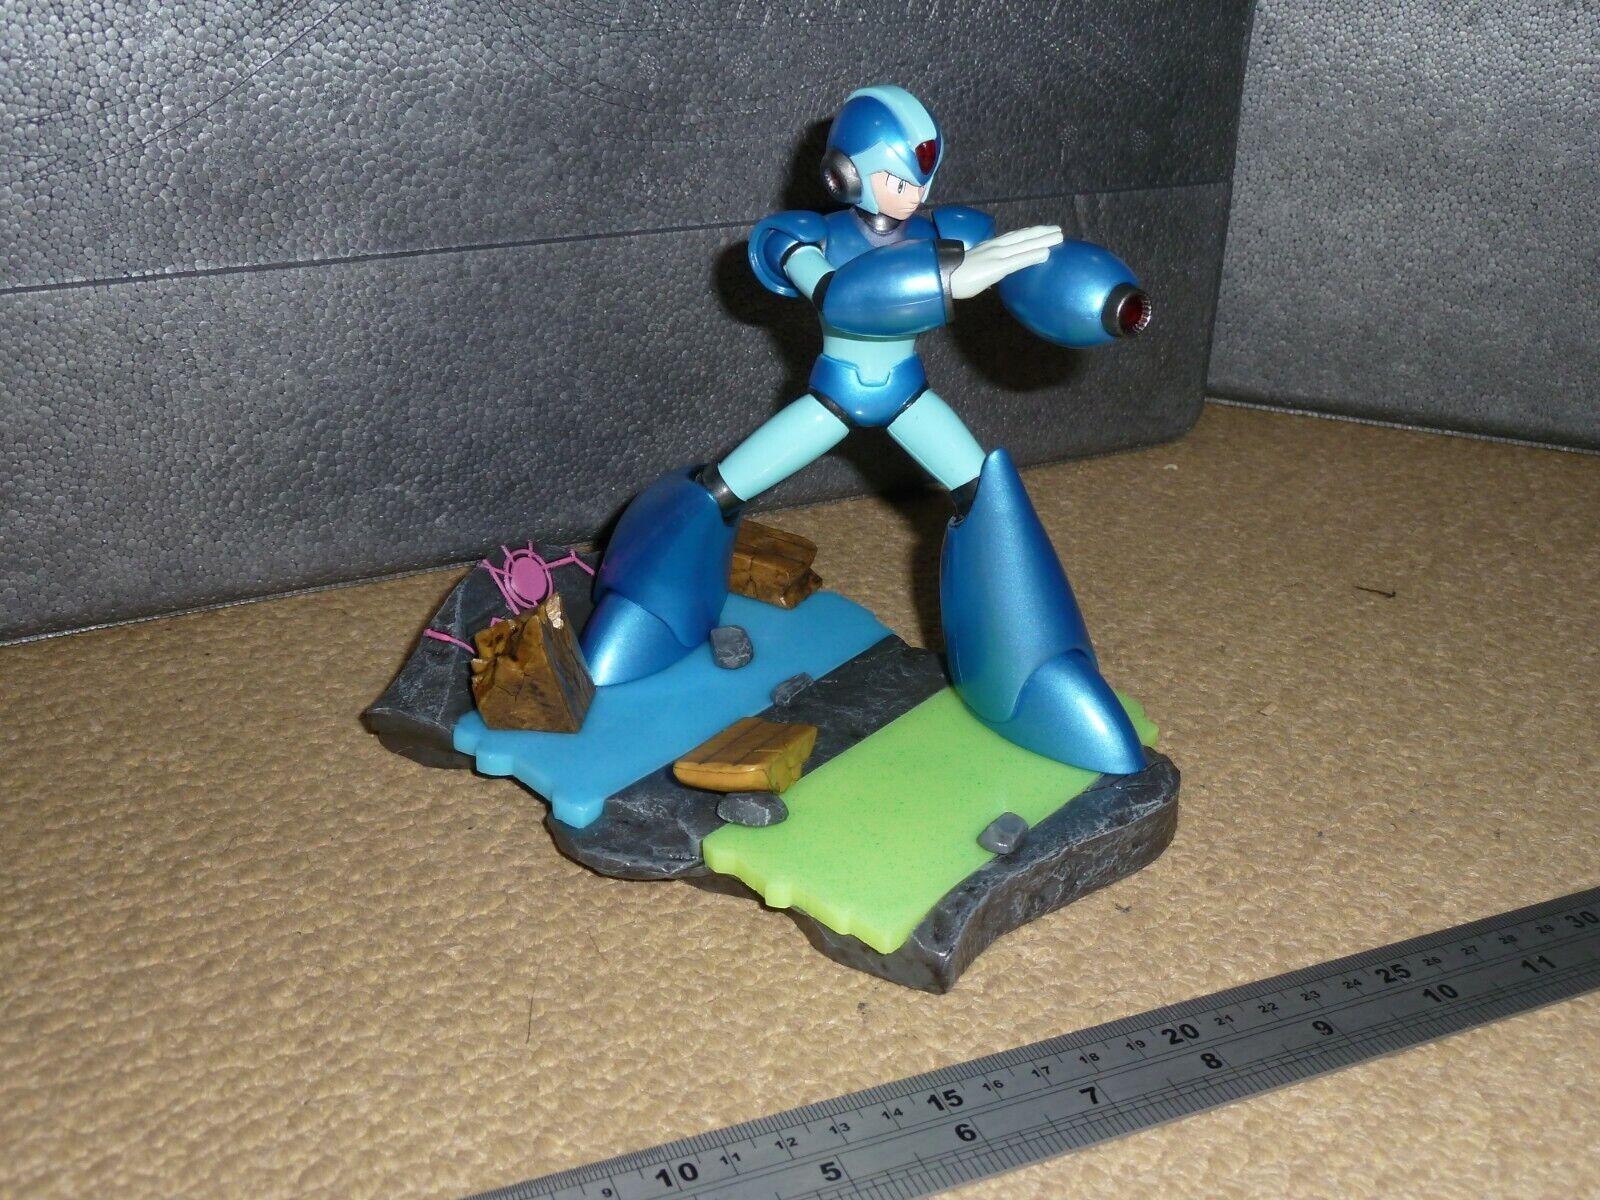 MEGA uomo COLLECTOR'S Statua cifra Diorama Nuovo di Zecca   Marvel vs Capcom infinita  più sconto